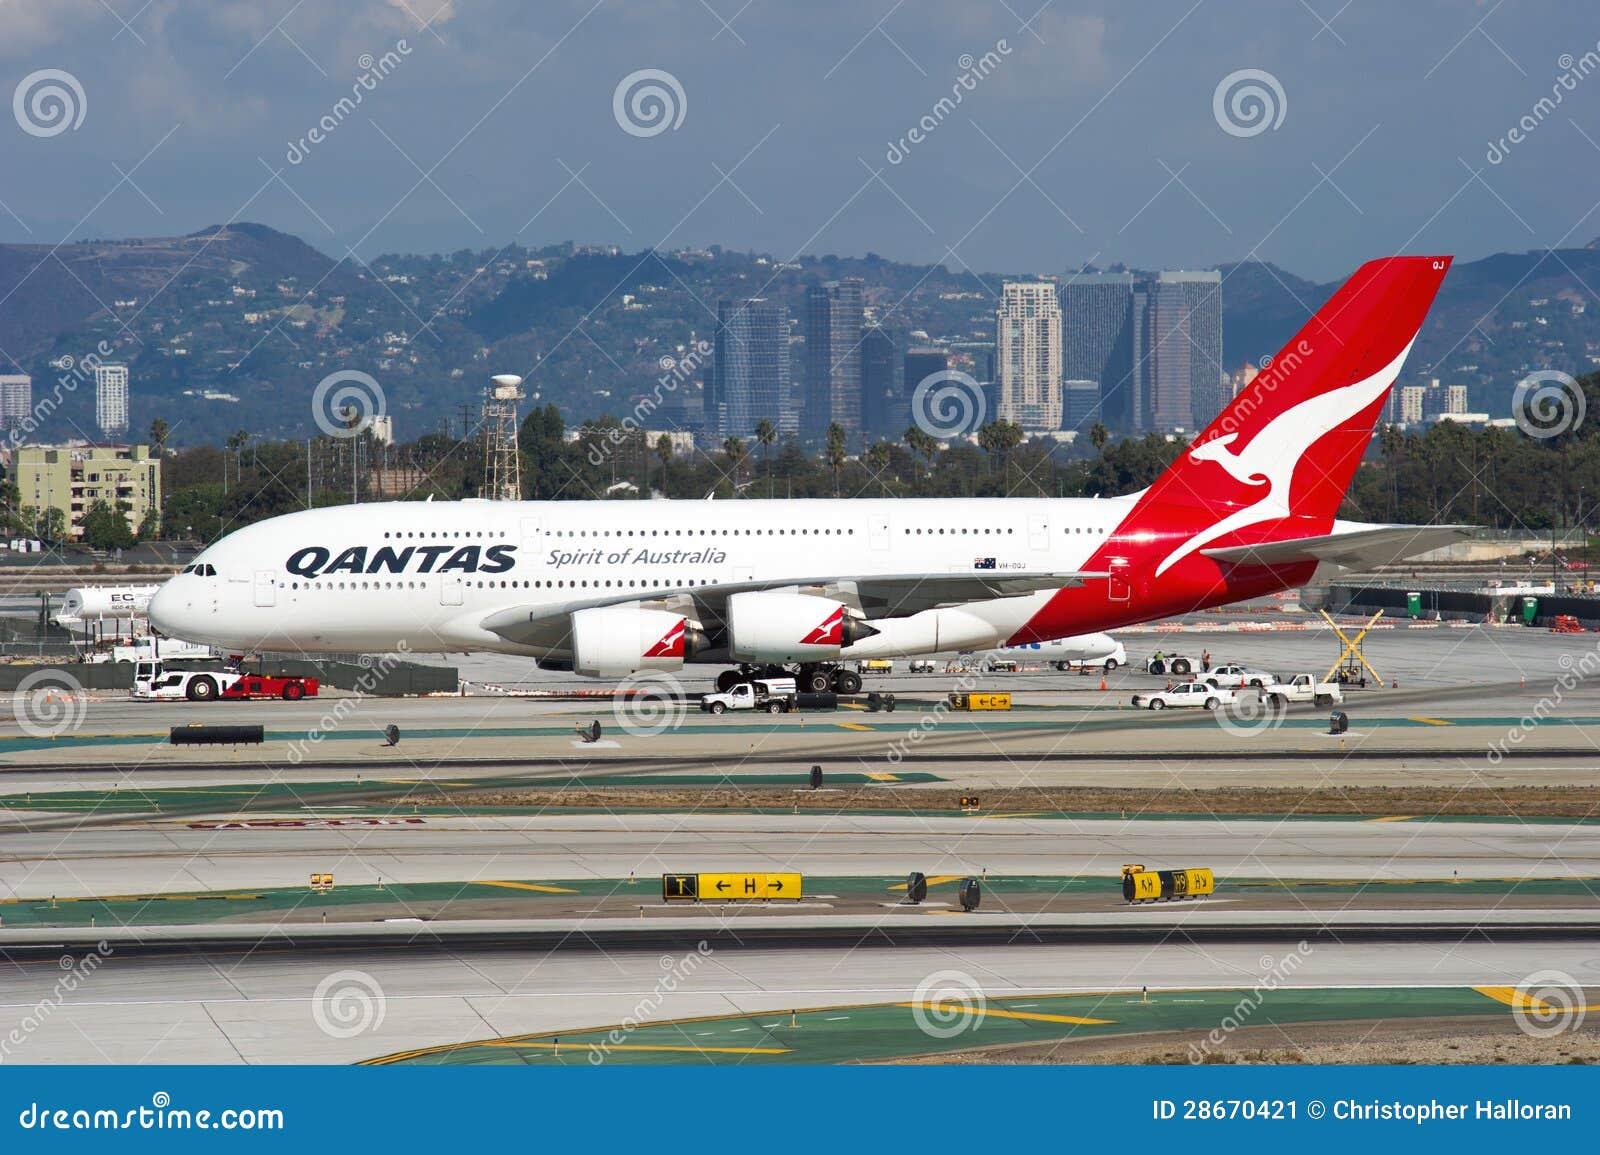 Qantas Airbus A380 editorial photo  Image of aircraft - 28670421